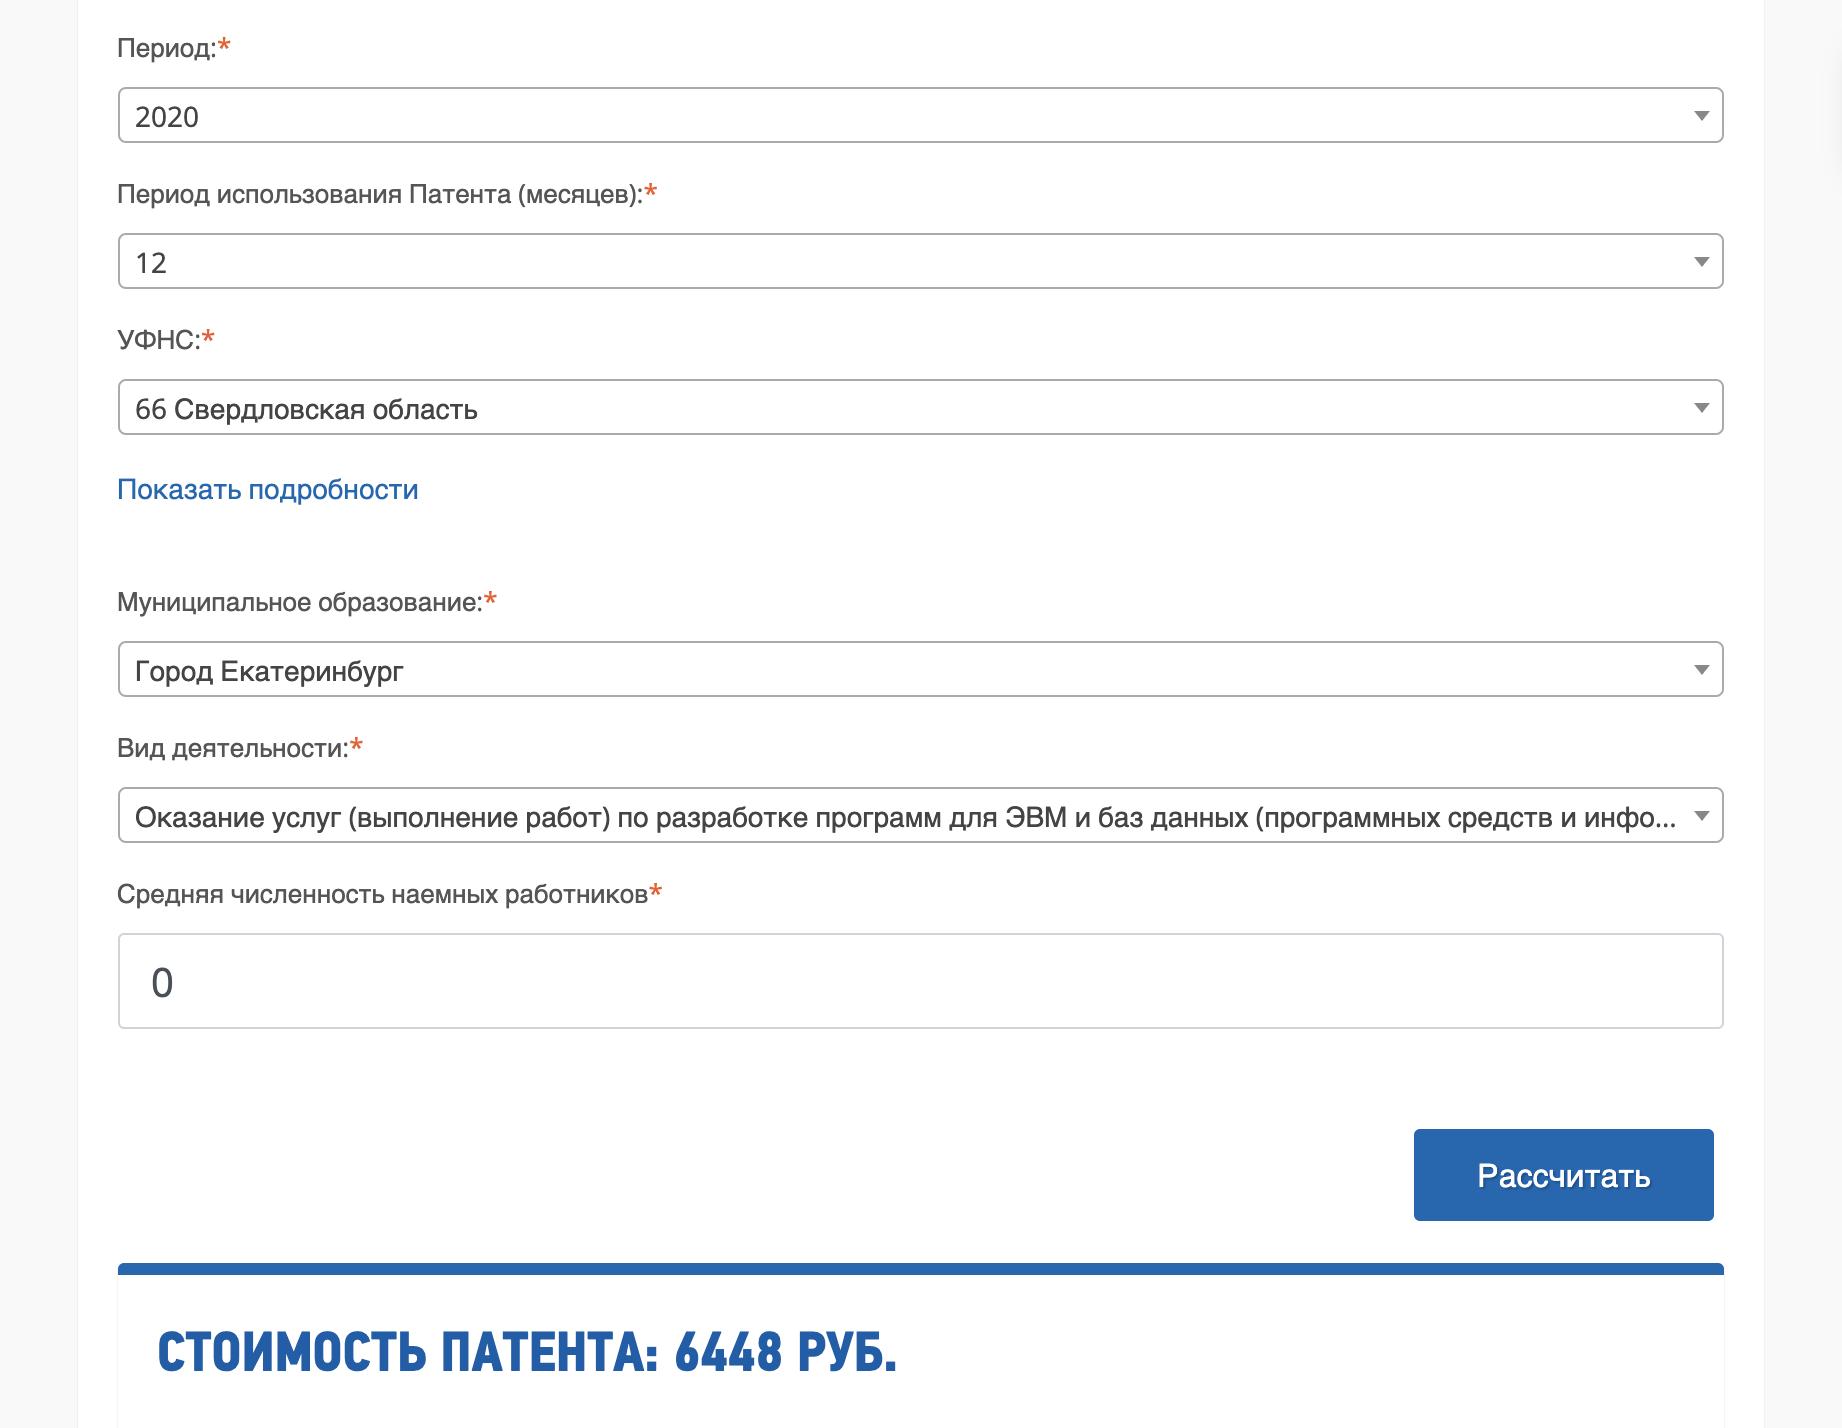 Пример заполнения патента ПСН ИП